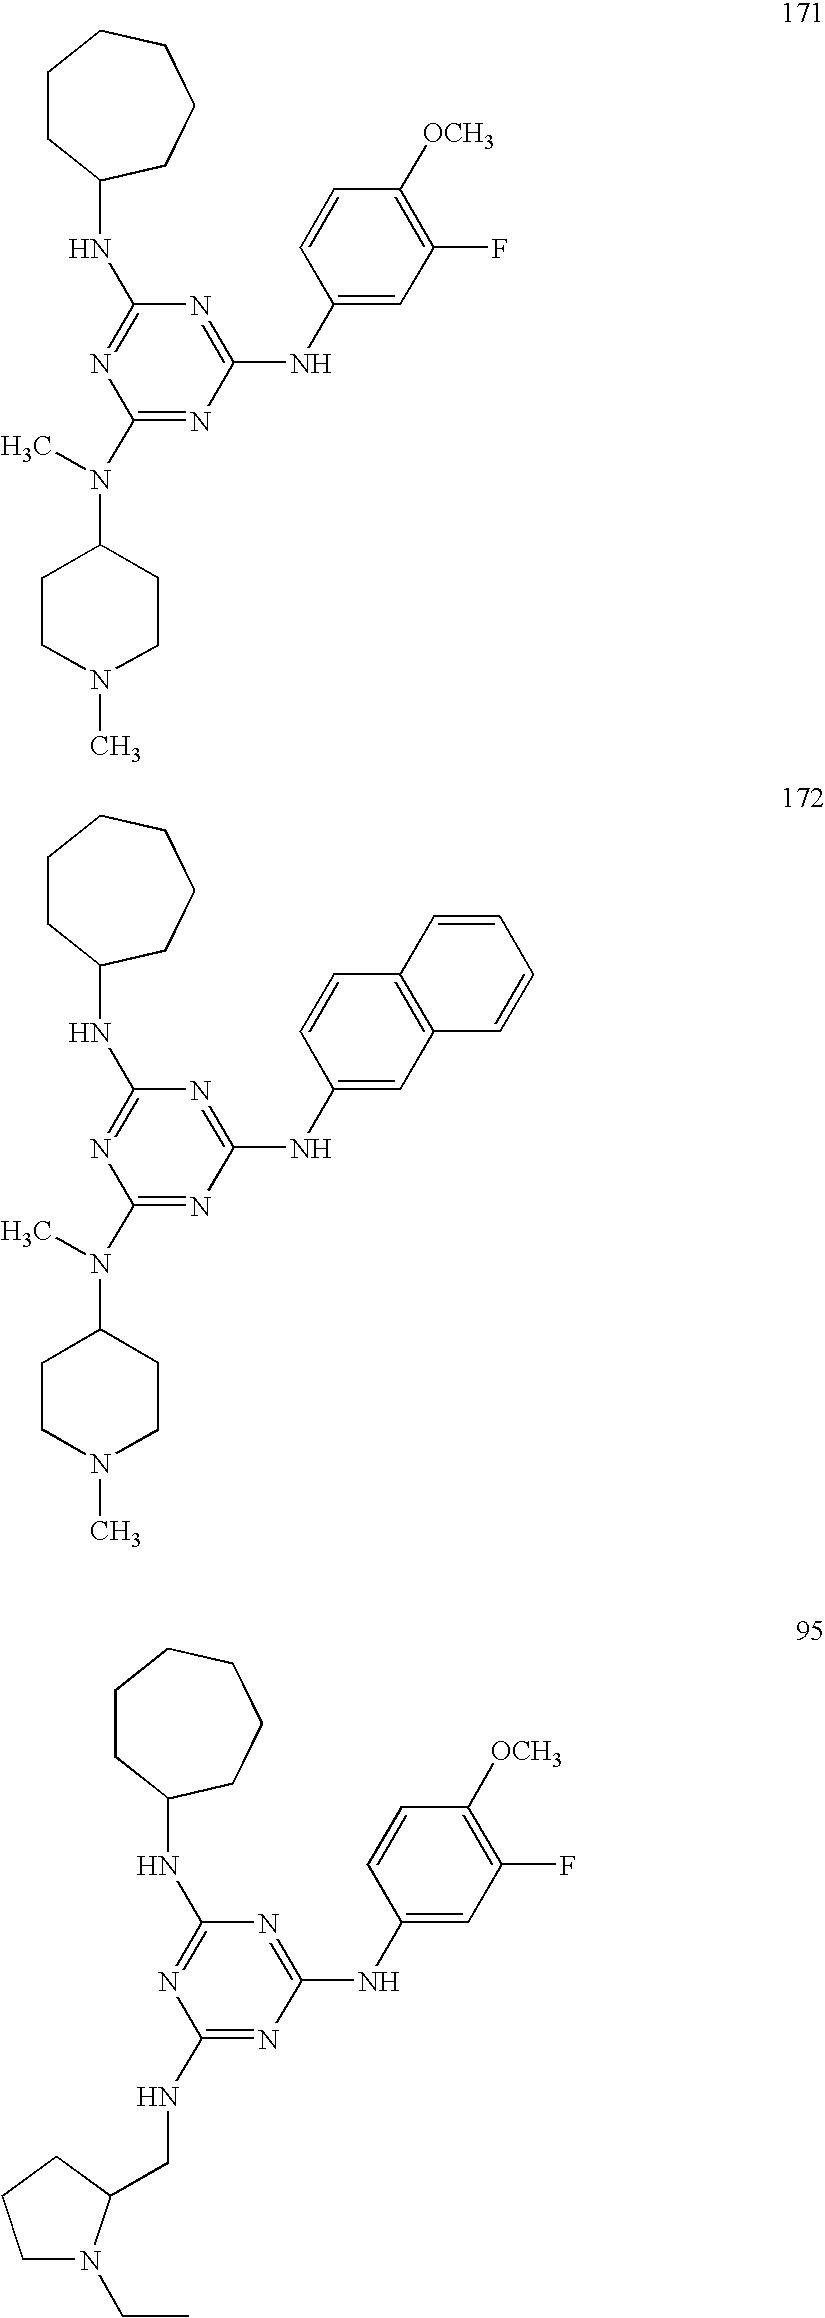 Figure US20050113341A1-20050526-C00025